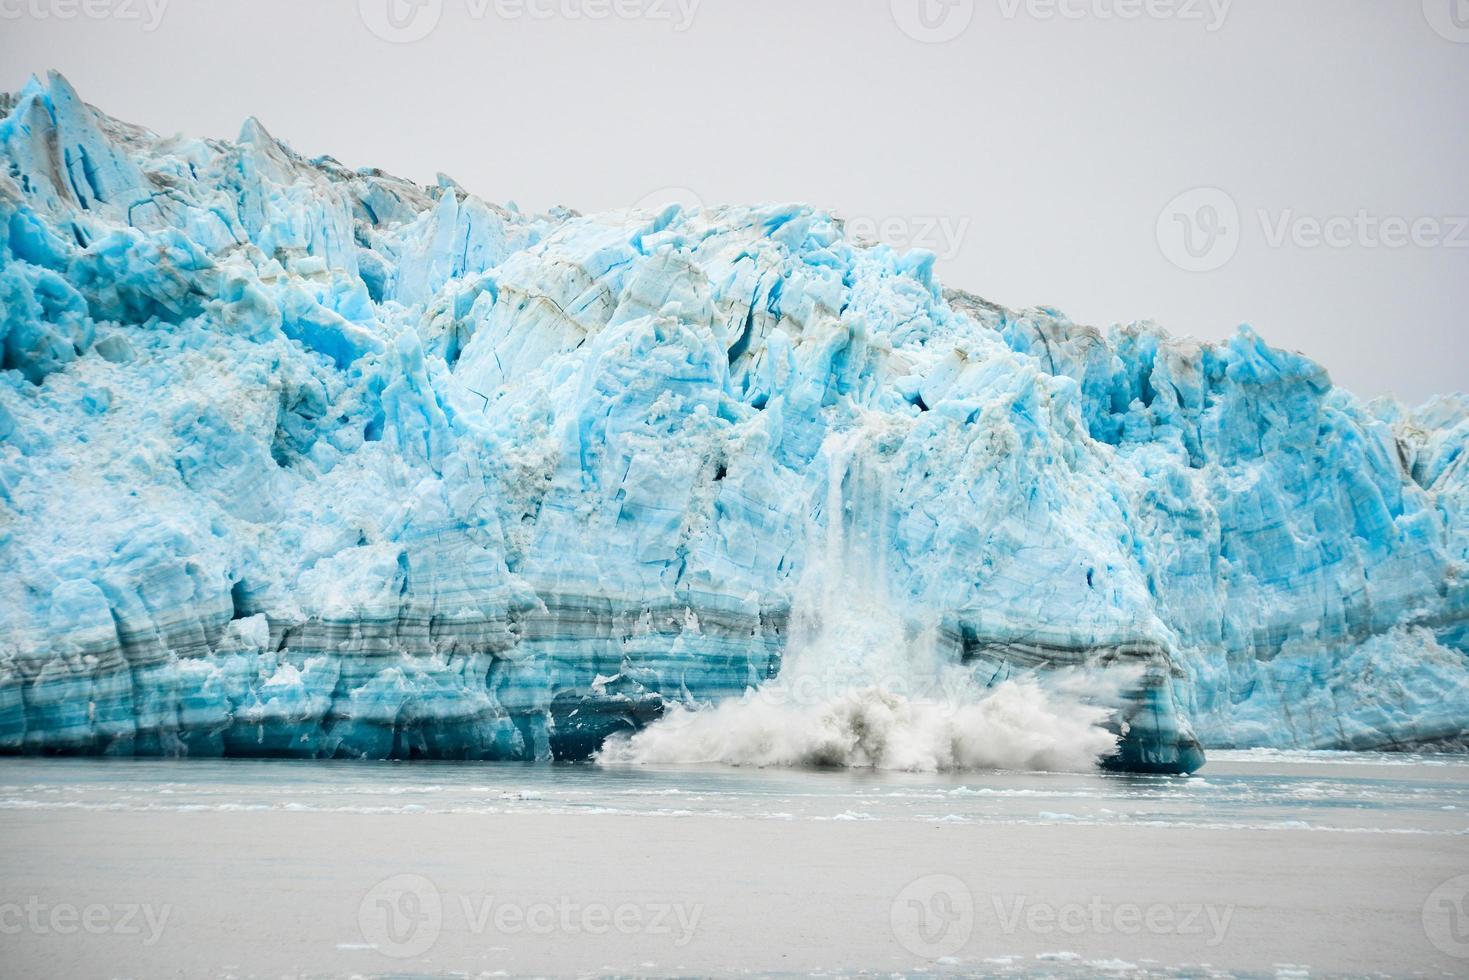 parto de geleira - fenômeno natural foto